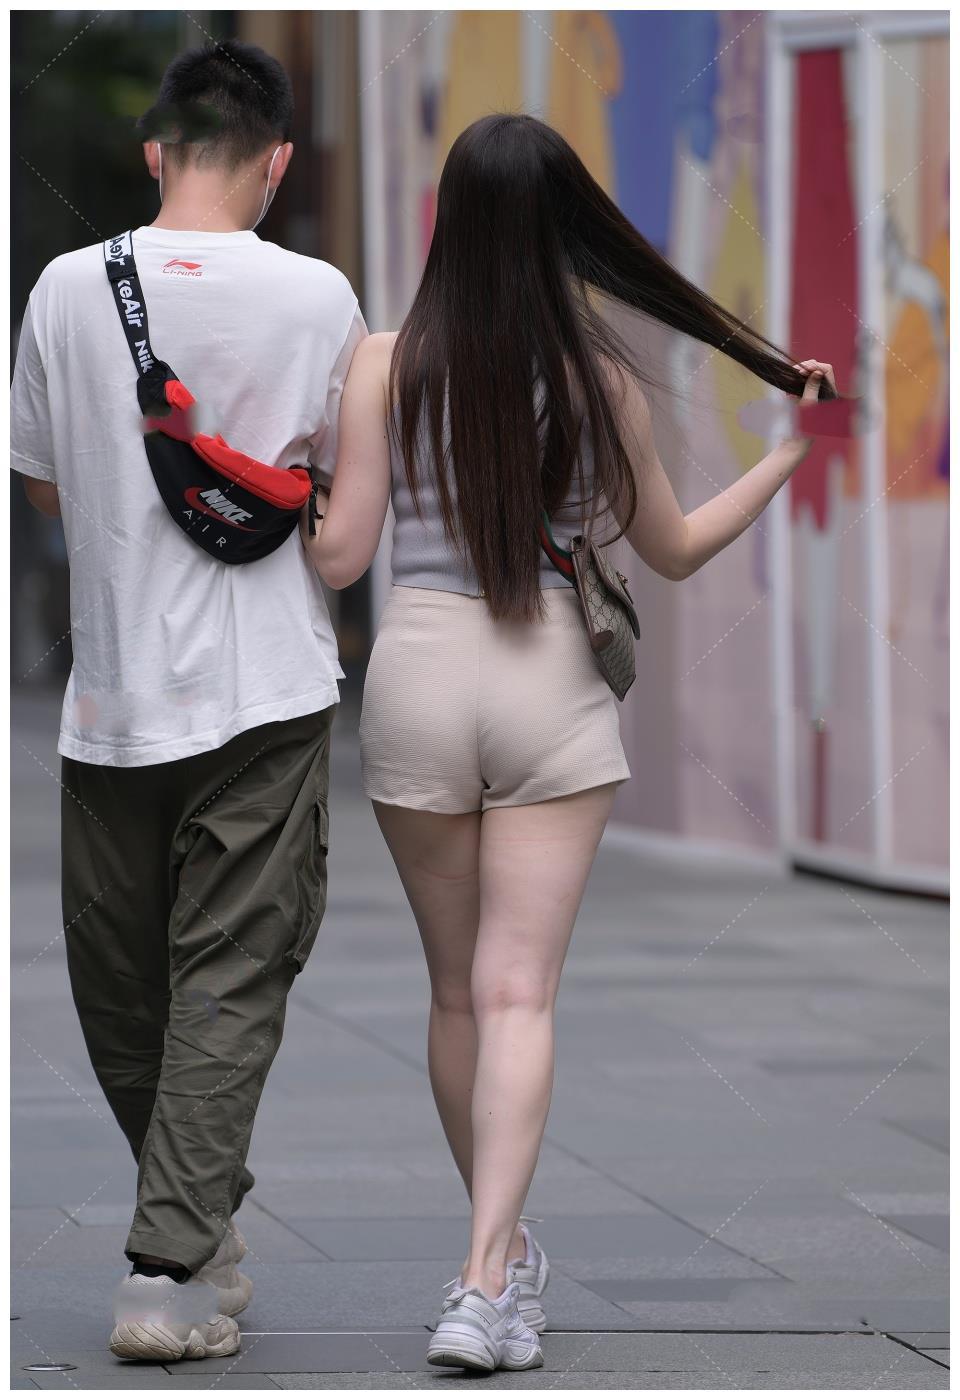 灰色系上衣搭配浅色短裤, 温柔优雅, 尽显淑女气质